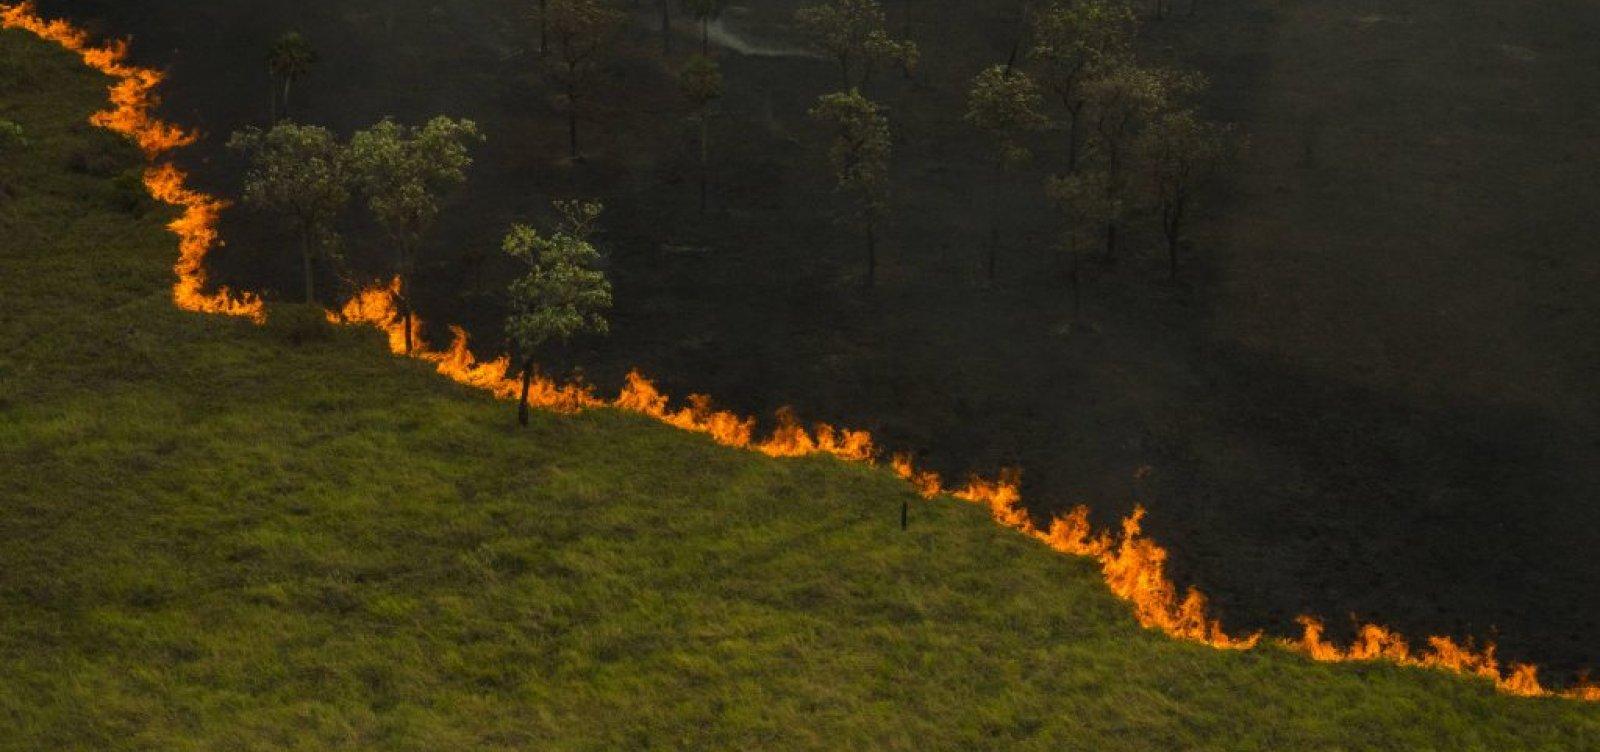 Área devastada do Pantanal neste ano já se aproxima do recorde de 2020